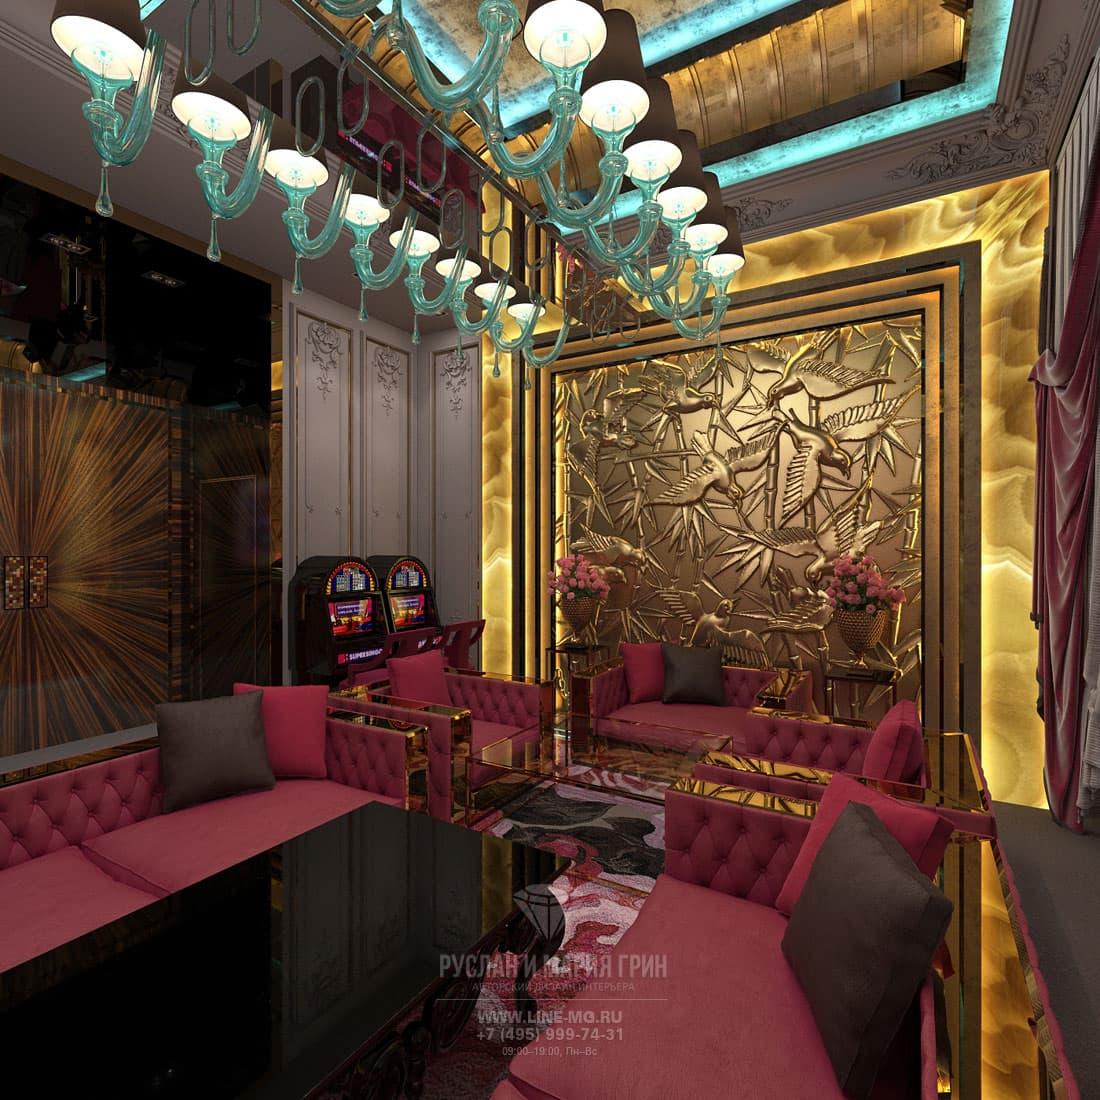 Дизайн интерьера казино в Лас-Bегасе